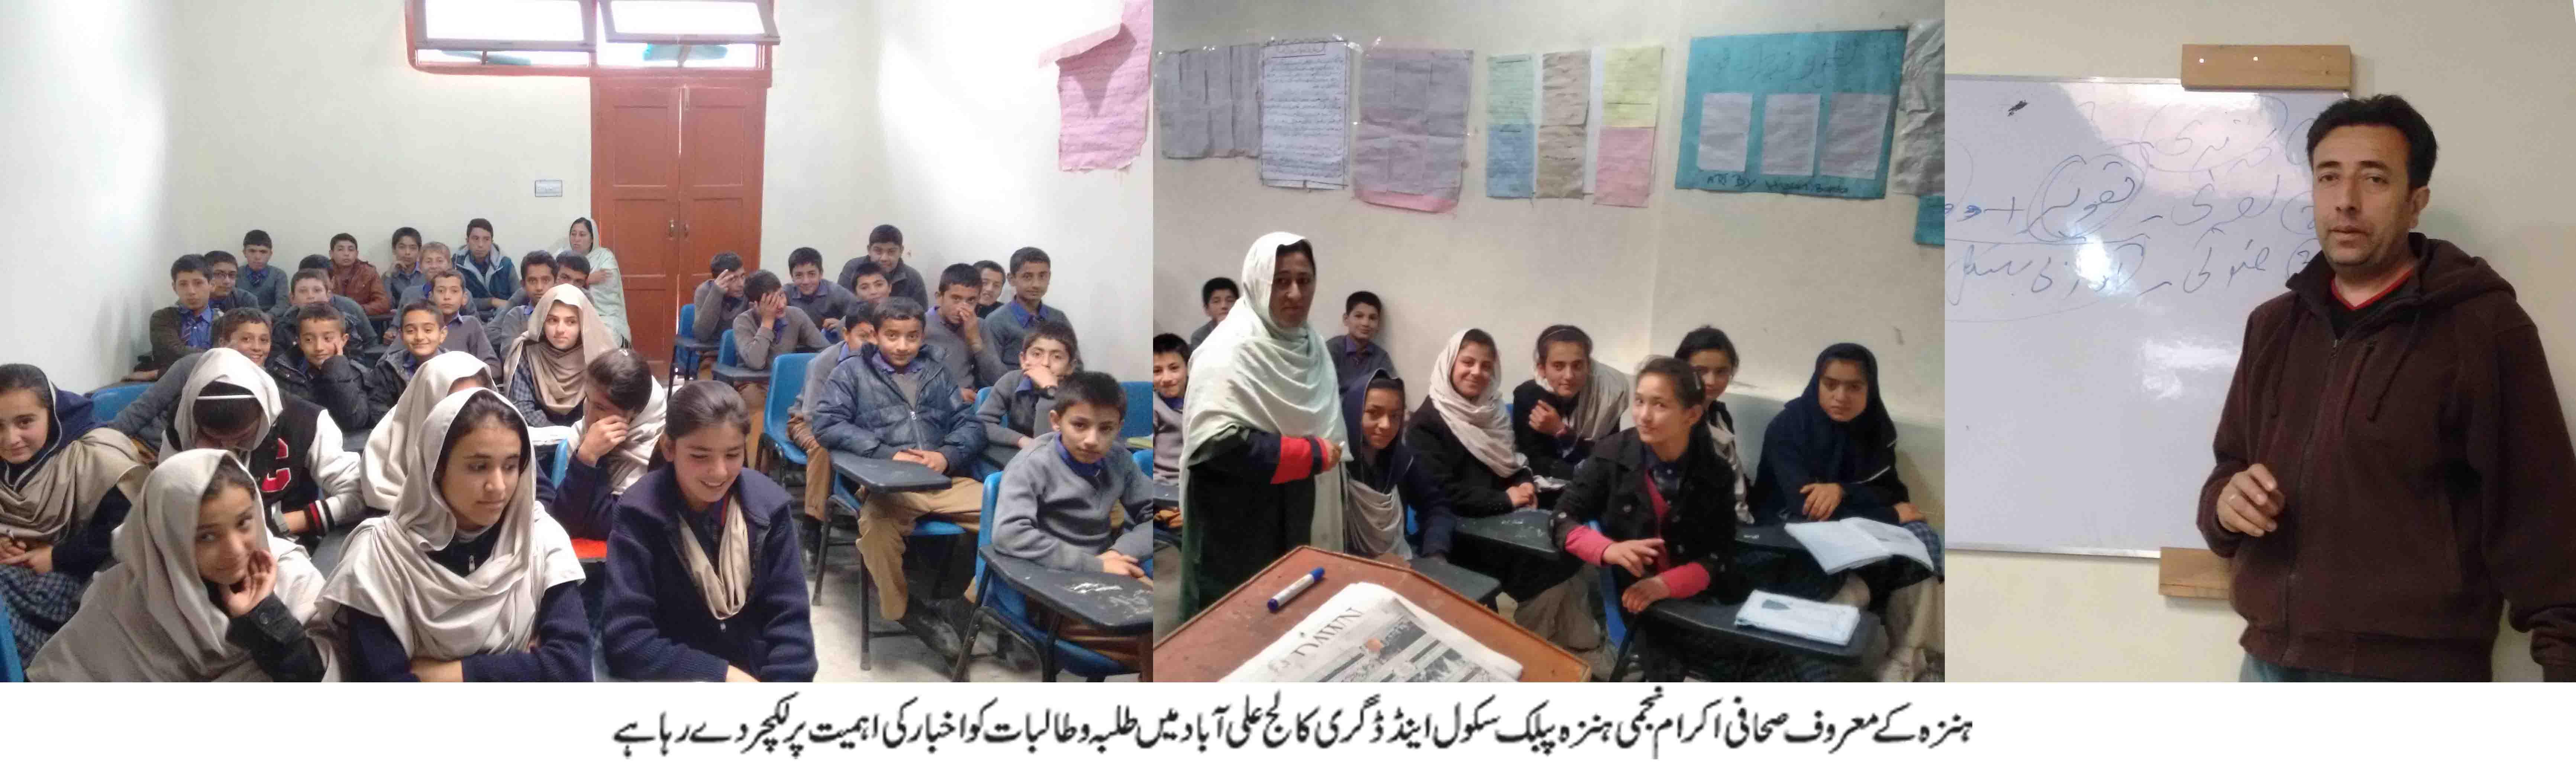 ہنزہ پبلک سکول میں اخبار کی اہمیت کے موضوع پر لیکچر کا اہتمام